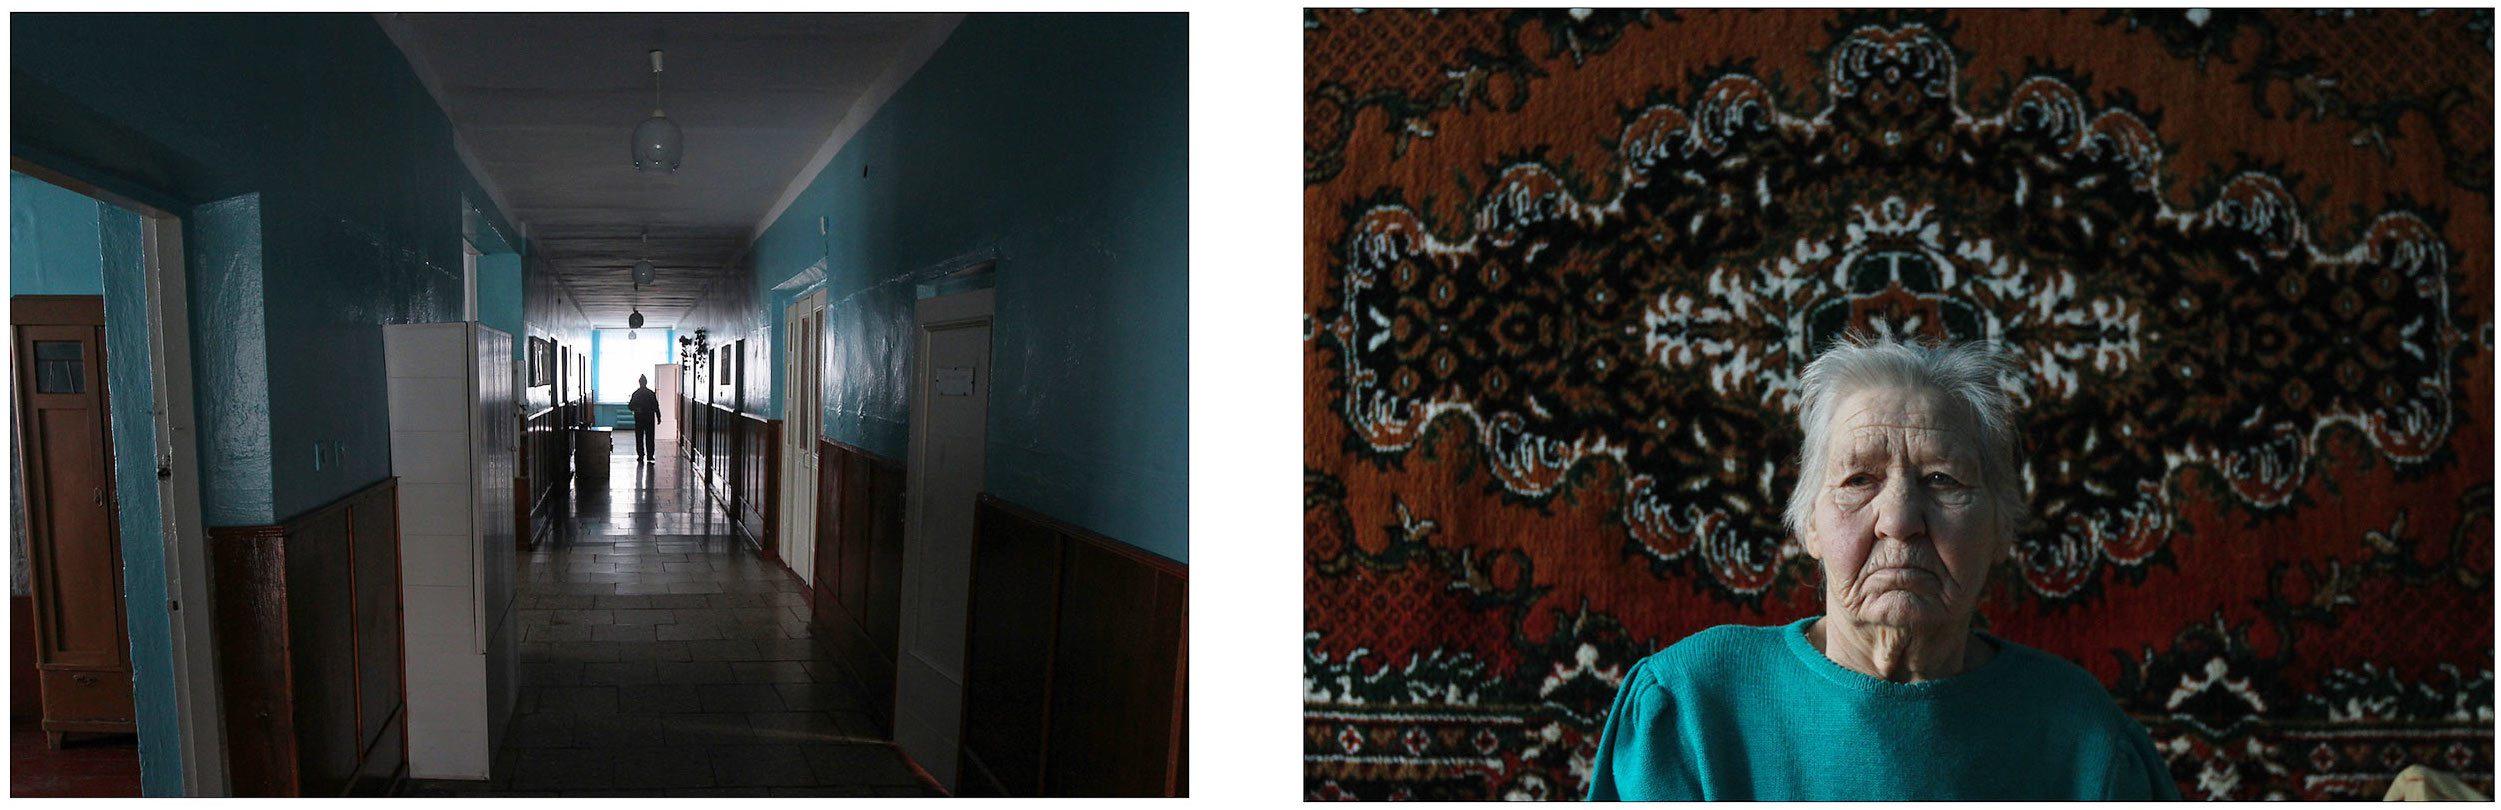 05 06 ch kharchenko 1 - <b>«Старі сидять голі, у самих футболках і памперсах».</b> Журналістка Заборони розповідає, як шукала будинок літніх людей для своєї бабусі - Заборона